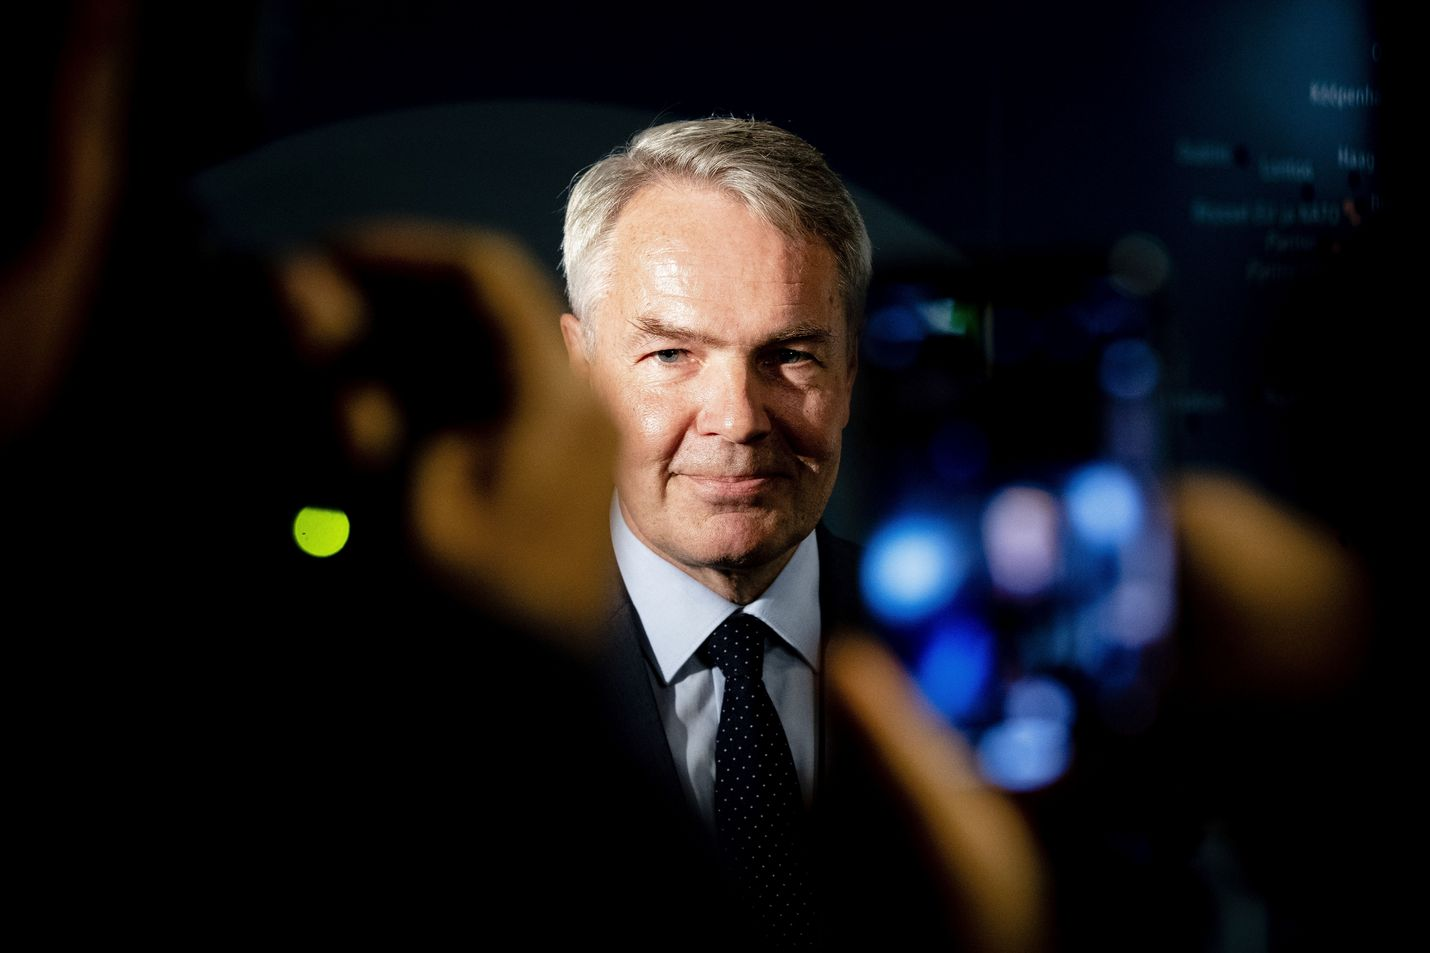 Ulkoministeri Pekka Haavisto (vihr.) antaa ulkoasiainvaliokunnalle tiistaina raportin Syyrian tilanteesta.